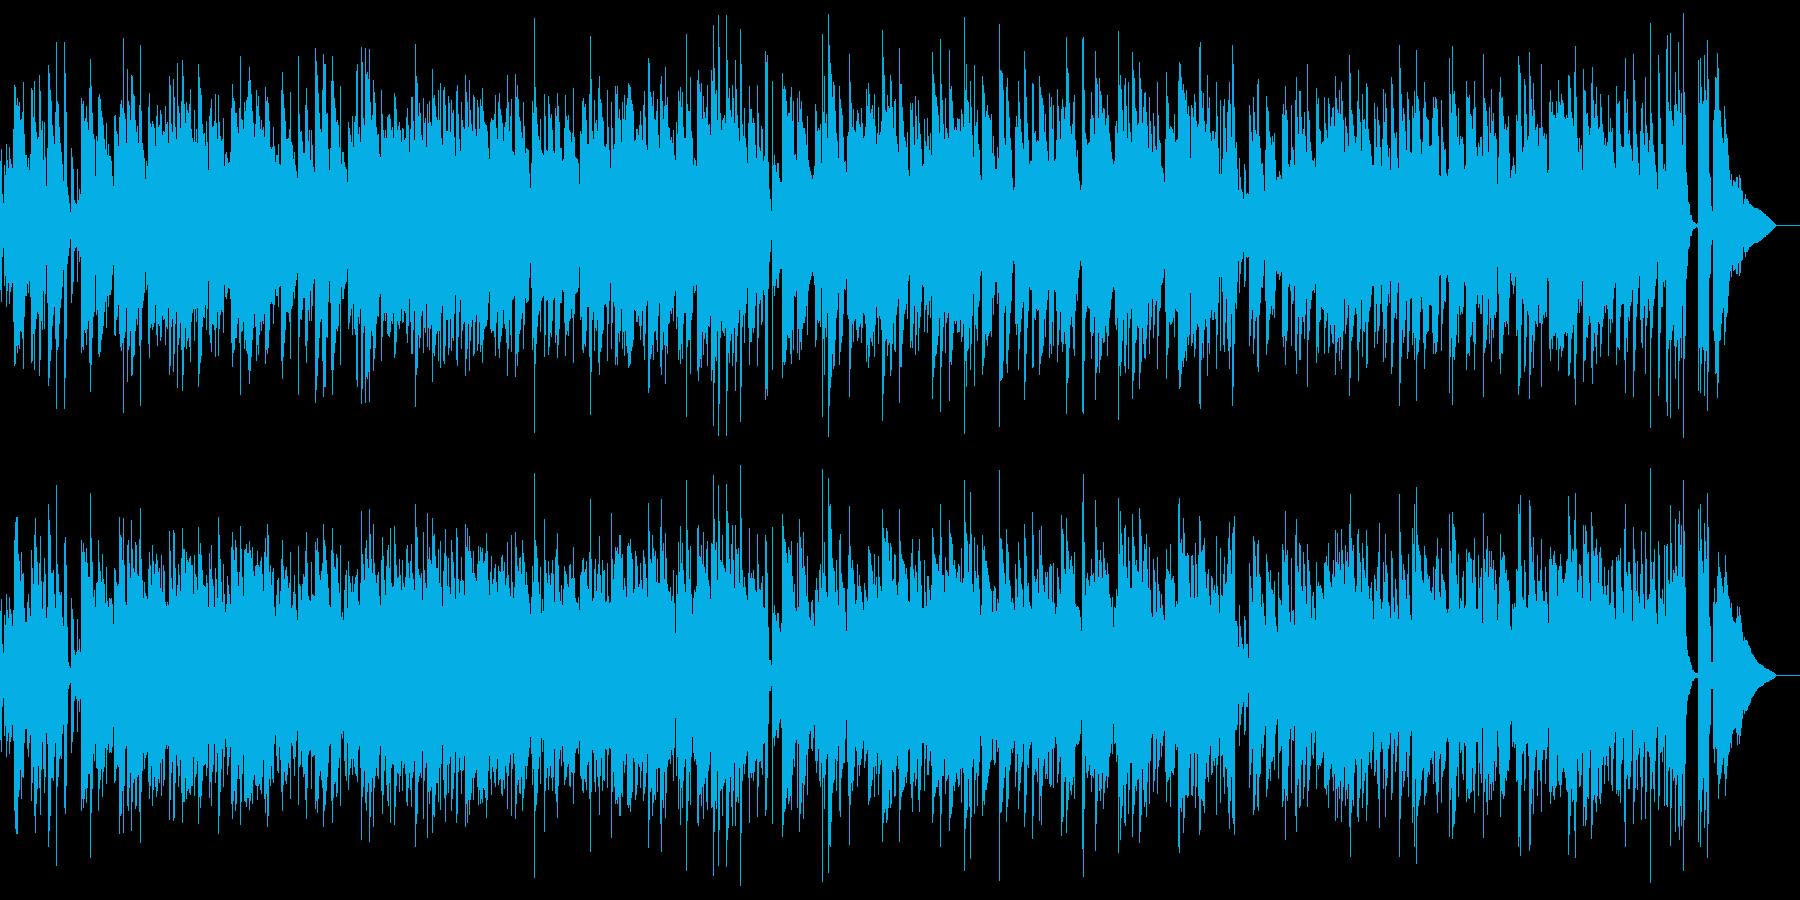 静かな大人のカントリー・ミュージックの再生済みの波形